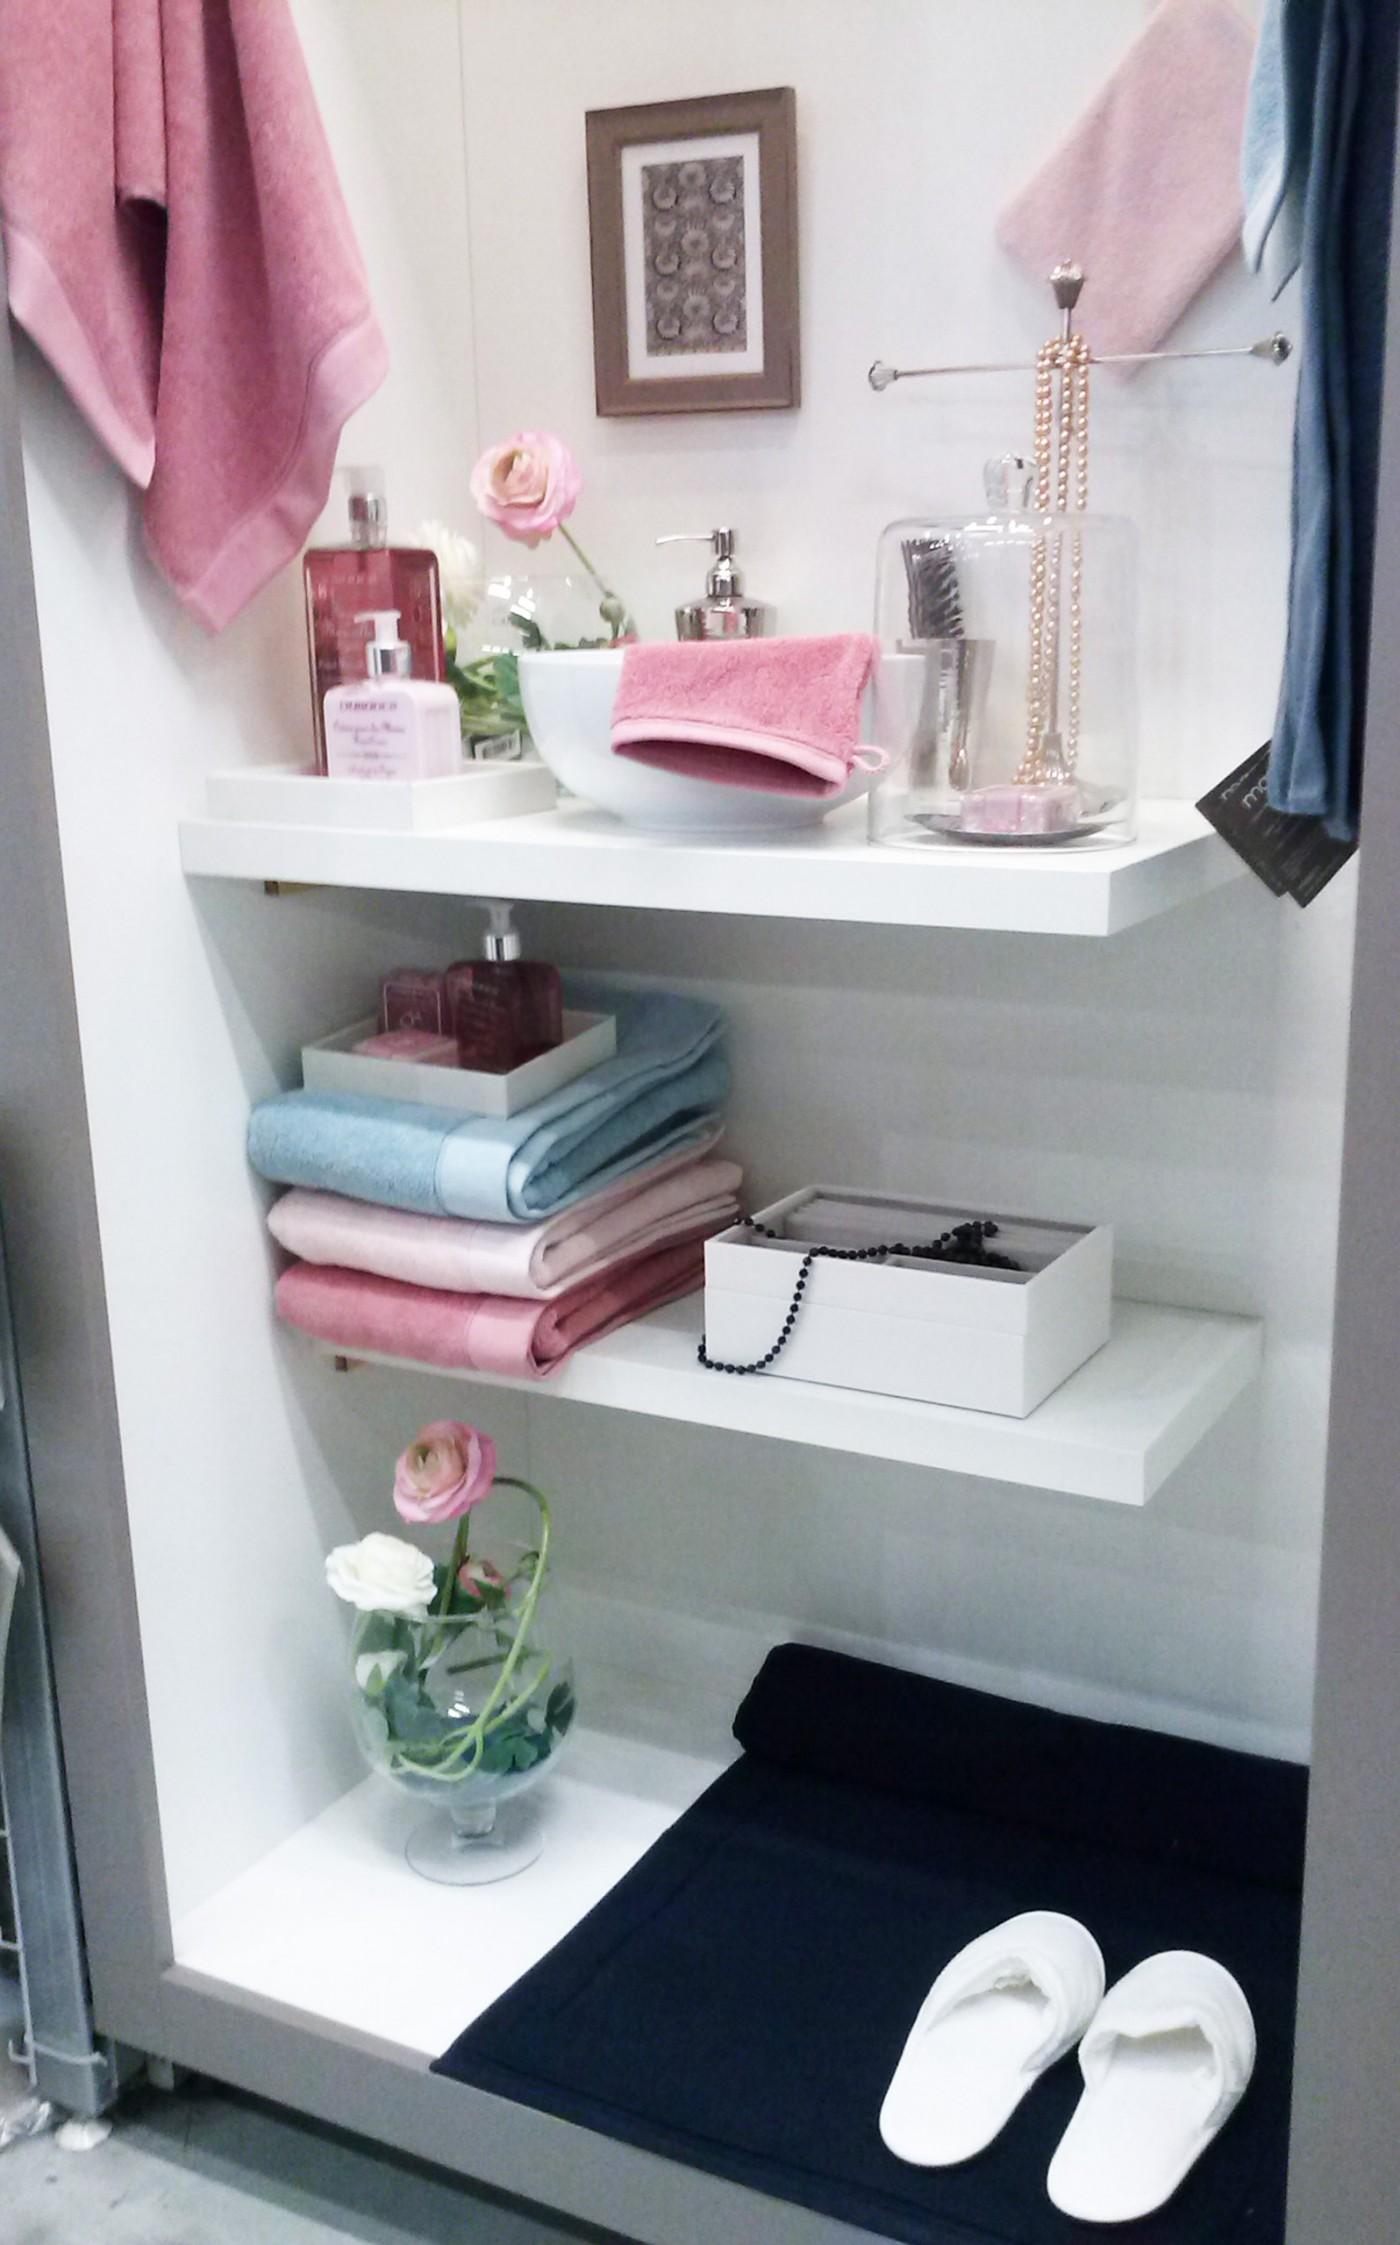 3 th mes d co pour sa salle de bain et ses toilettes - Decorer sa salle de bain ...